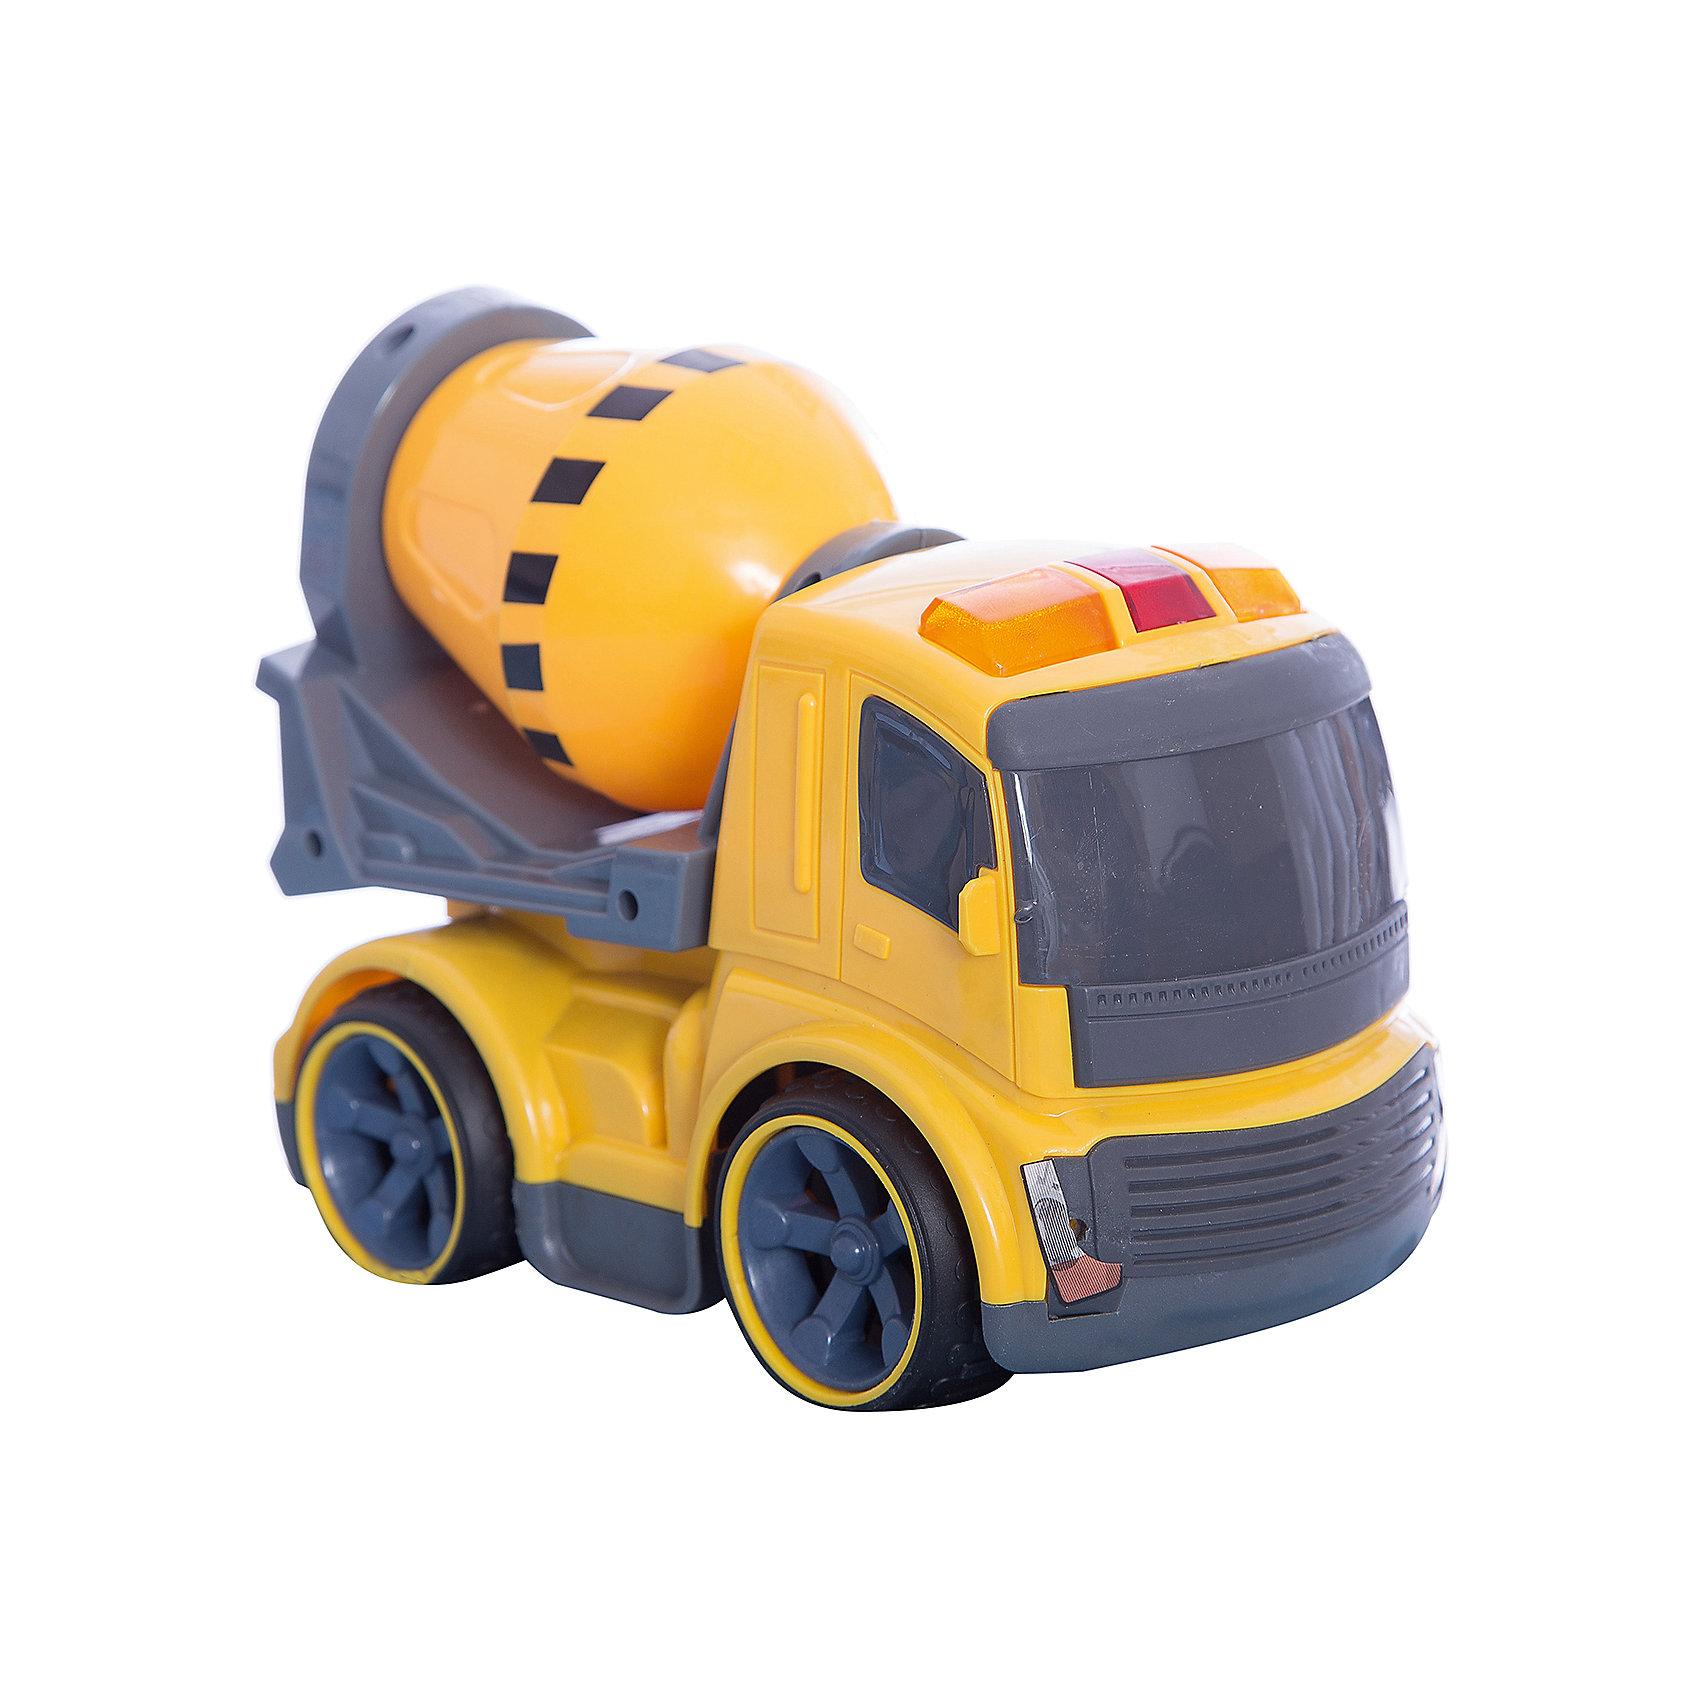 Машинка инерционная Бетономешалка, Blue SeaМашинки<br>Машинка инерционная Бетономешалка, Blue Sea (Блу Сии).<br><br>Характеристики:<br><br>- Цвет: желтый.<br>- Состав: пластик, металл.<br>- Инерционная игрушка.<br><br>Машинка Бетономешалка, Blue Sea (Блу Сии) - .это  инерционная игрушка из серии «Спецтехника». У данной модели четко проработаны детали.  Ваш малыш сможет легко придумывать сценарии к сюжетным играм. Игрушка выполнена из качественных сертифицированных материалов.<br><br>Машинку инерционную Бетономешалка, Blue Sea (Блу Сии), можно купить в нашем интернет - магазине.<br><br>Ширина мм: 240<br>Глубина мм: 140<br>Высота мм: 180<br>Вес г: 460<br>Возраст от месяцев: 36<br>Возраст до месяцев: 2147483647<br>Пол: Мужской<br>Возраст: Детский<br>SKU: 5419358